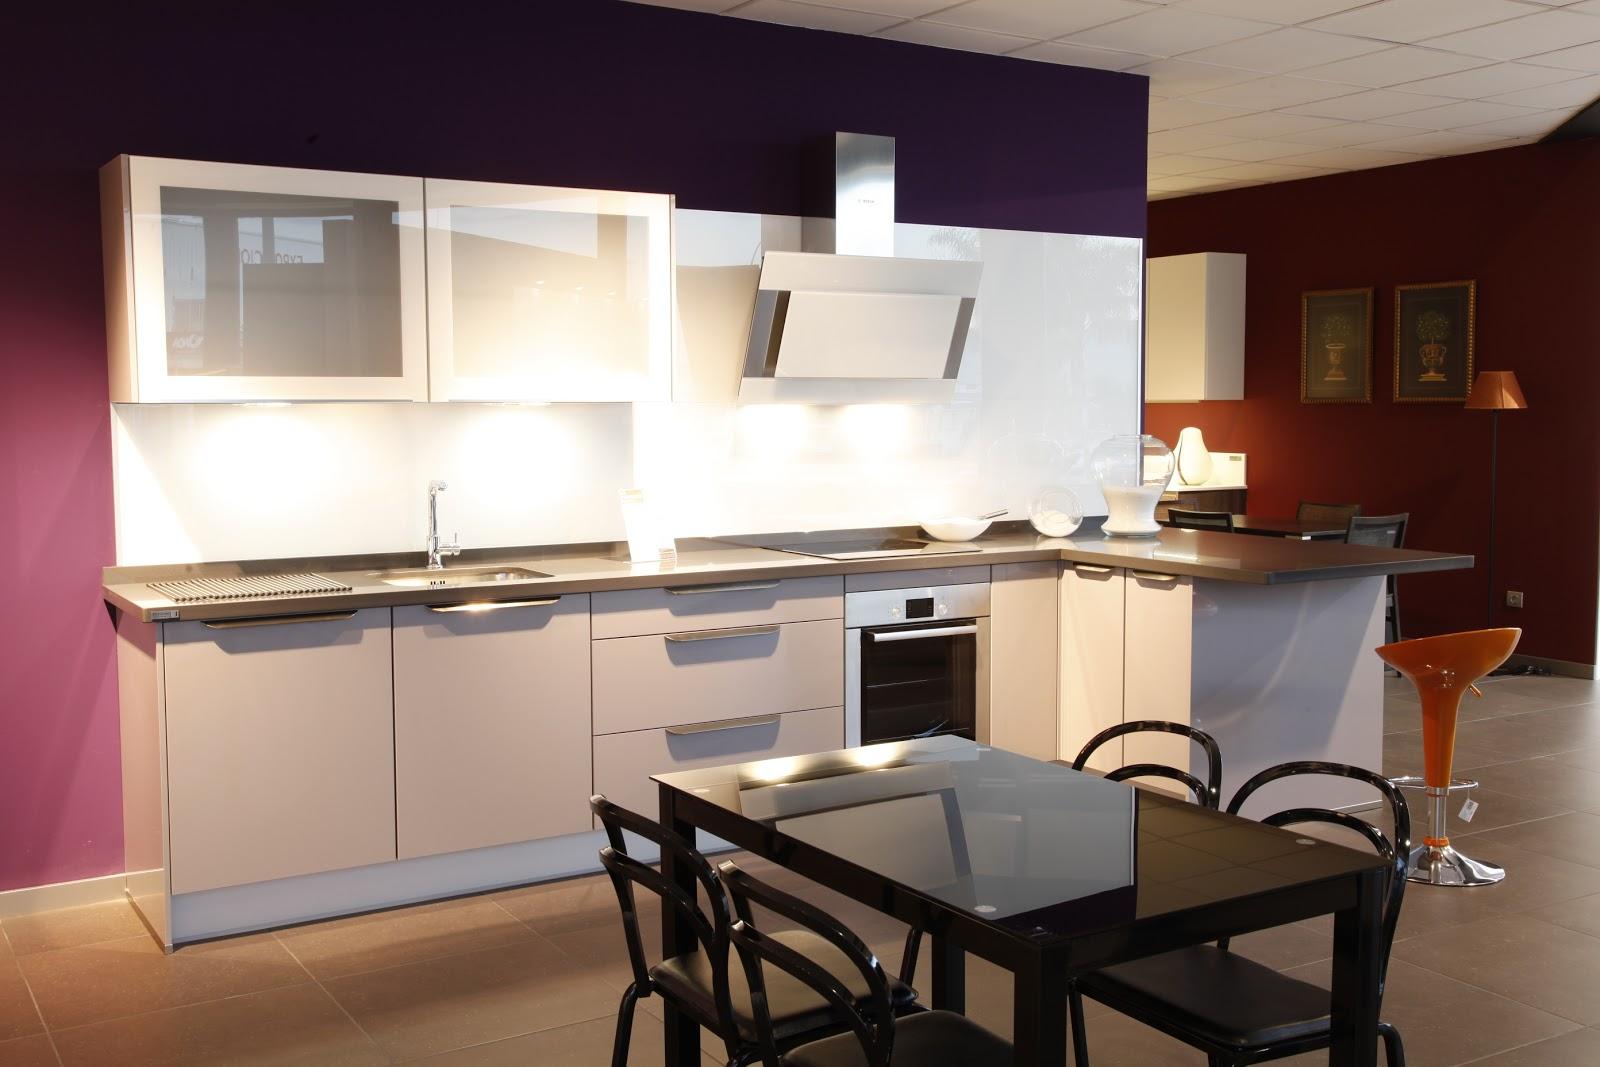 Precio Cocinas Santos | Chef Cocinas Gandia Valencia Renovacion Total De Exposicion A